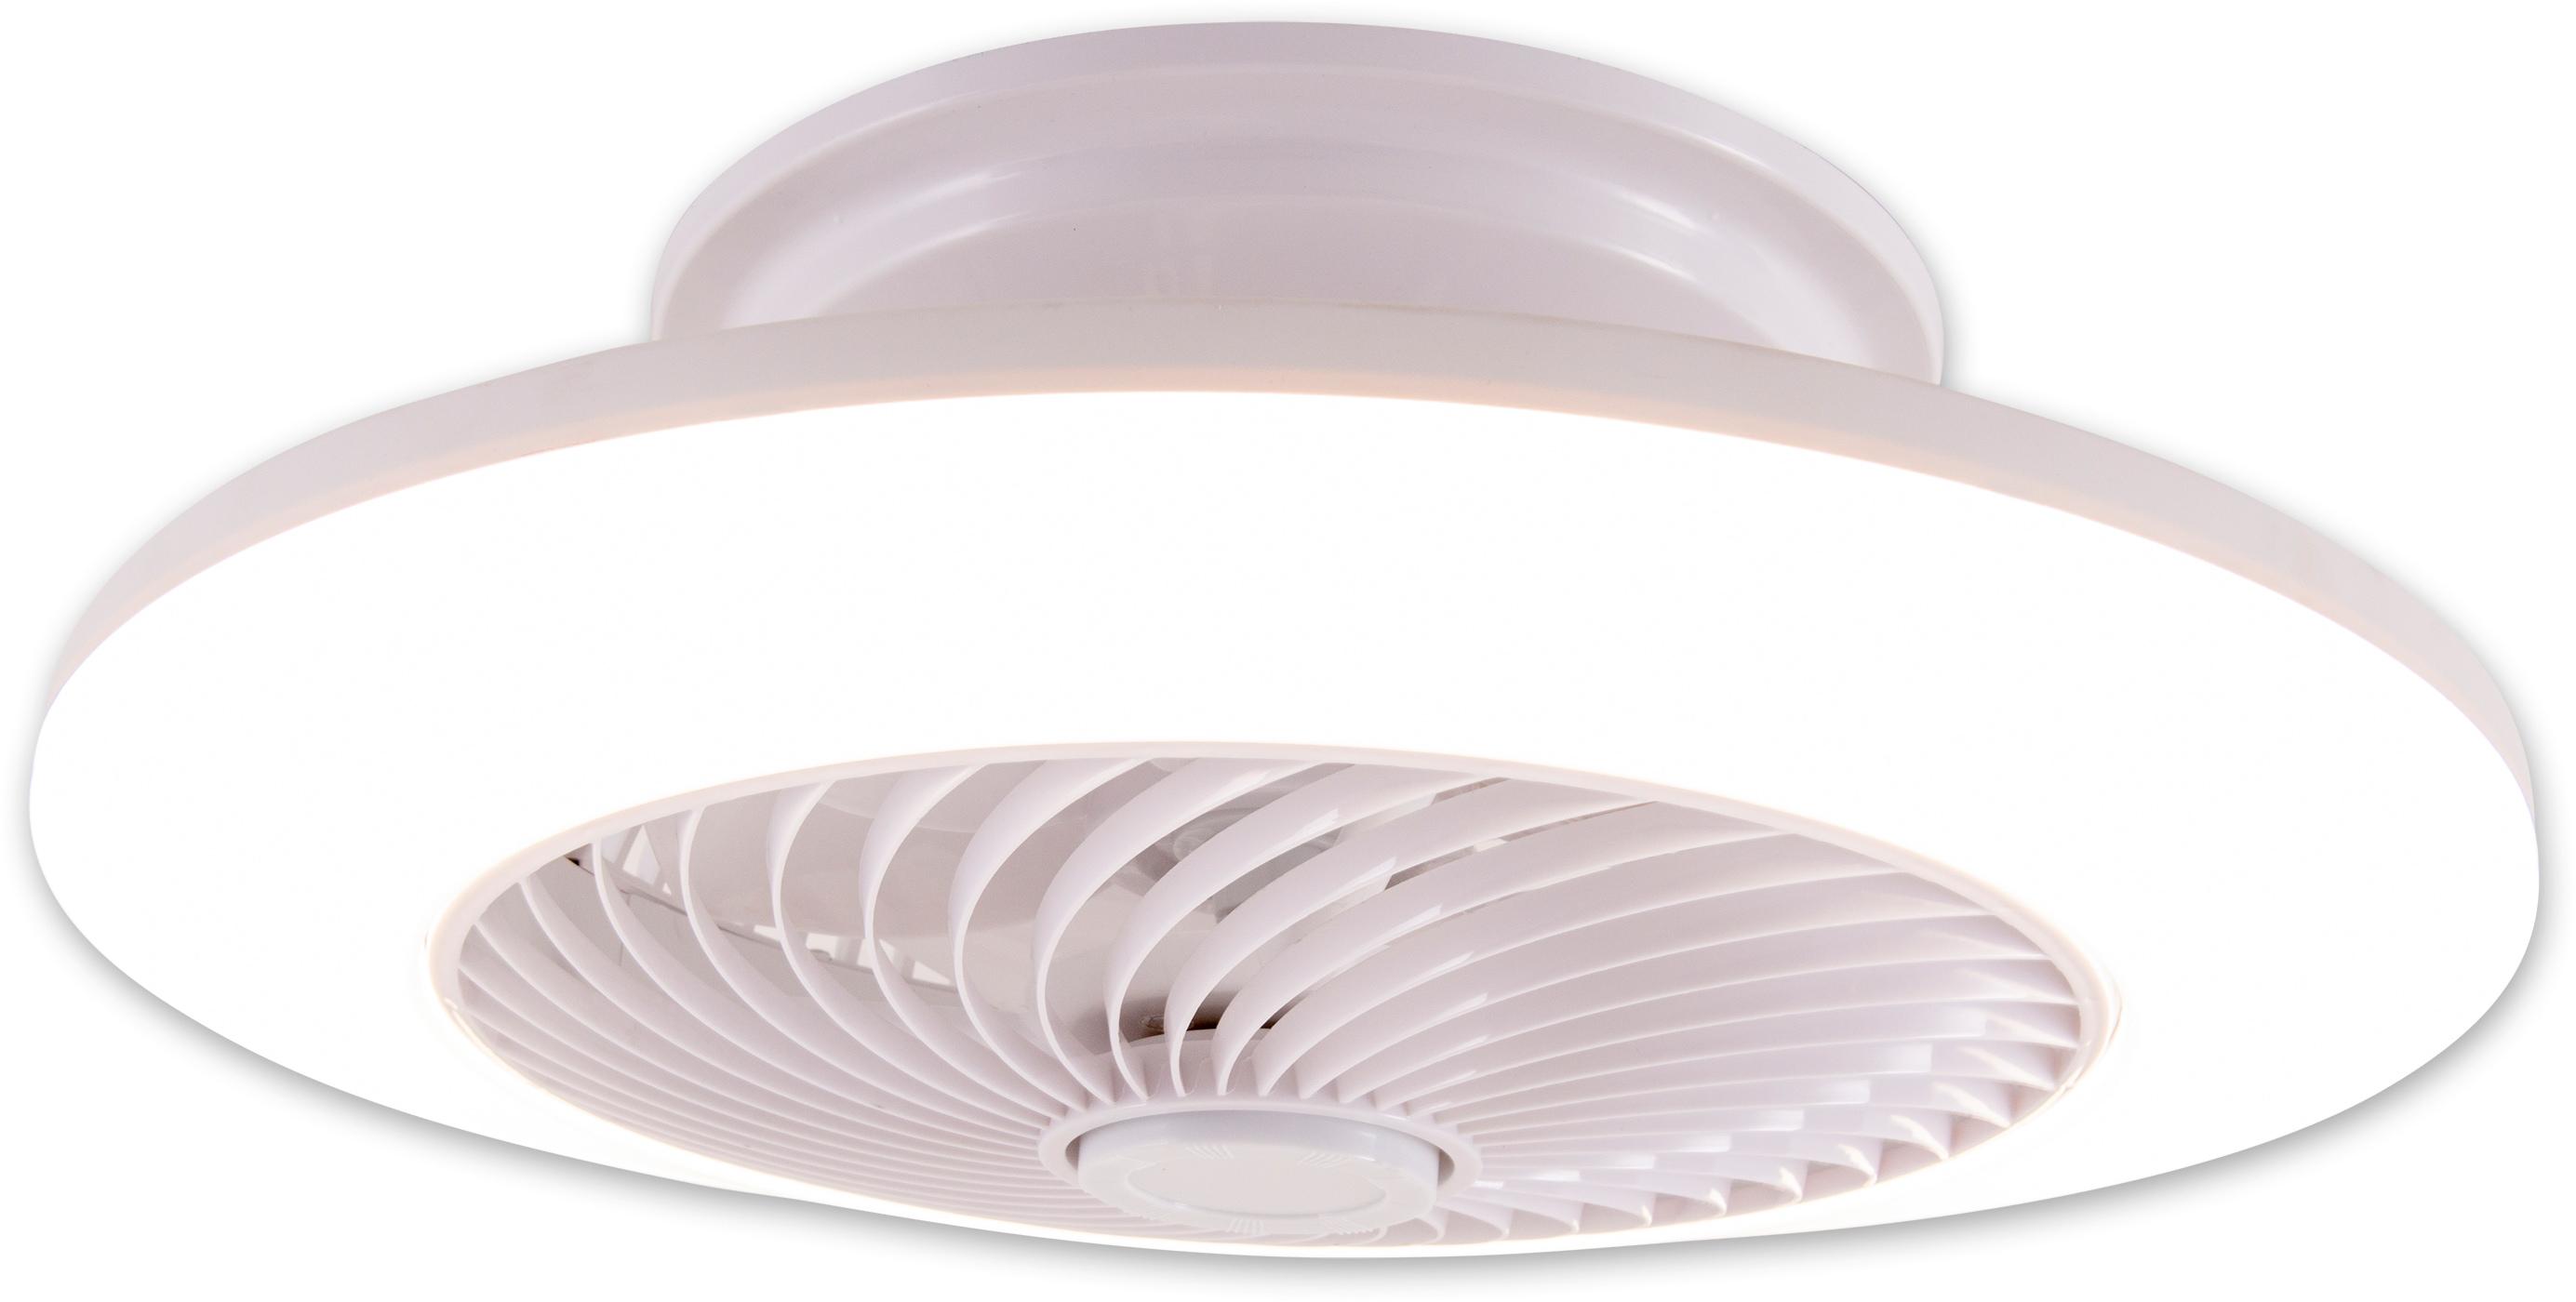 näve LED Deckenleuchte Adoranto, LED-Board, Farbwechsler, Deckenventilator, inkl. Fernbedienung, Decken Ventilator mit Leuchte Lampe Durchmesser Durchmesser 55 cm